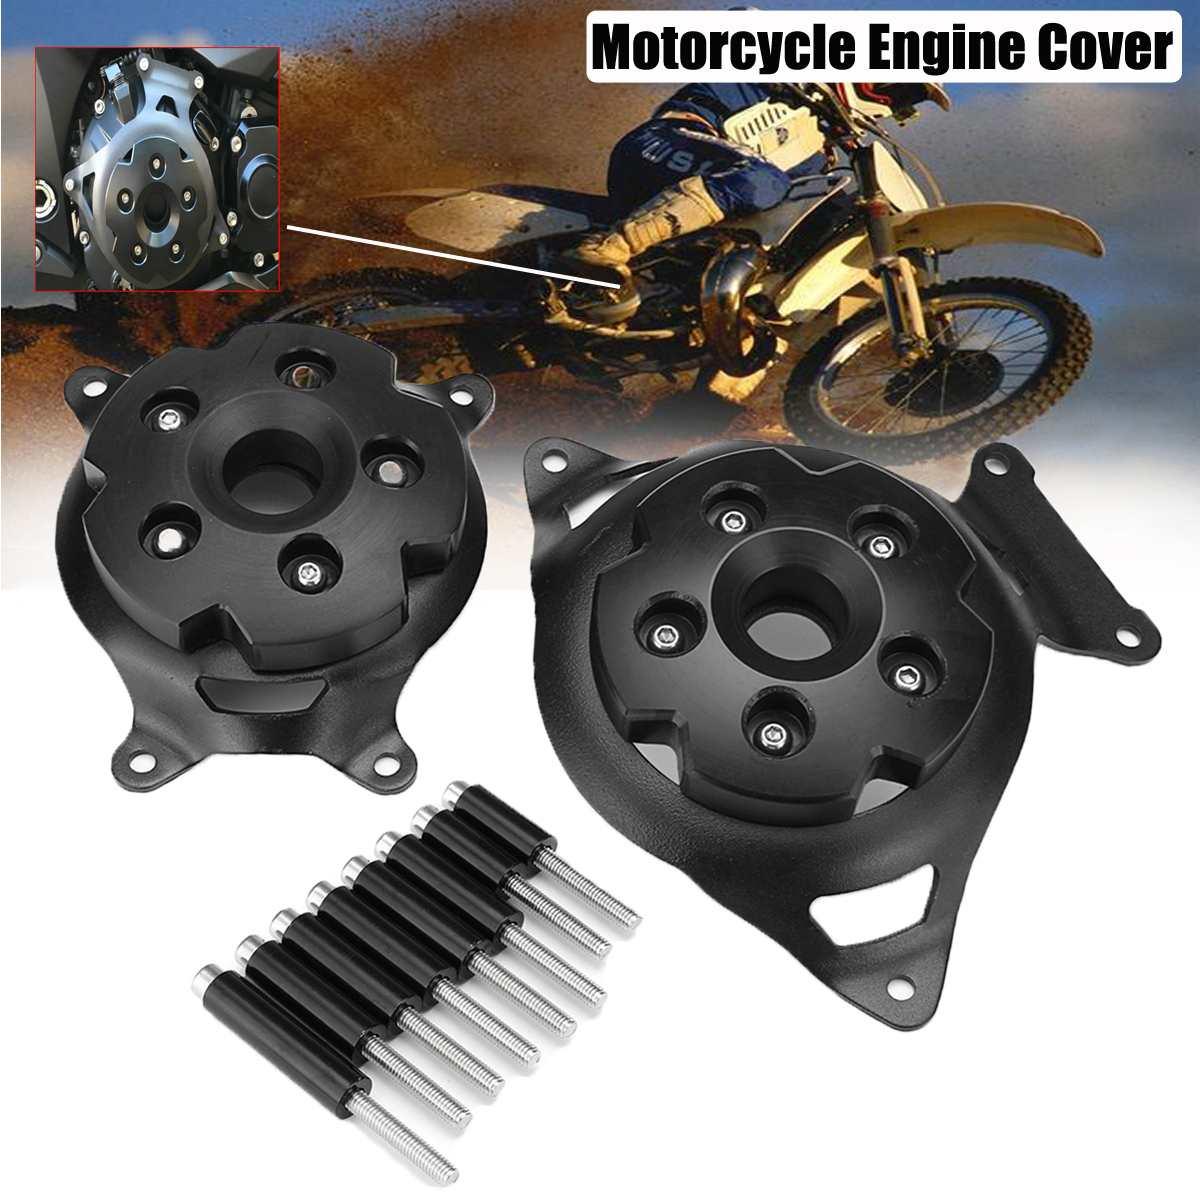 En aluminium moteur de moto Stator Du Couvercle Du Moteur Garde Protection Côté Bouclier Protecteur Pour Kawasaki Z750 Z800 2013-2016 13-16